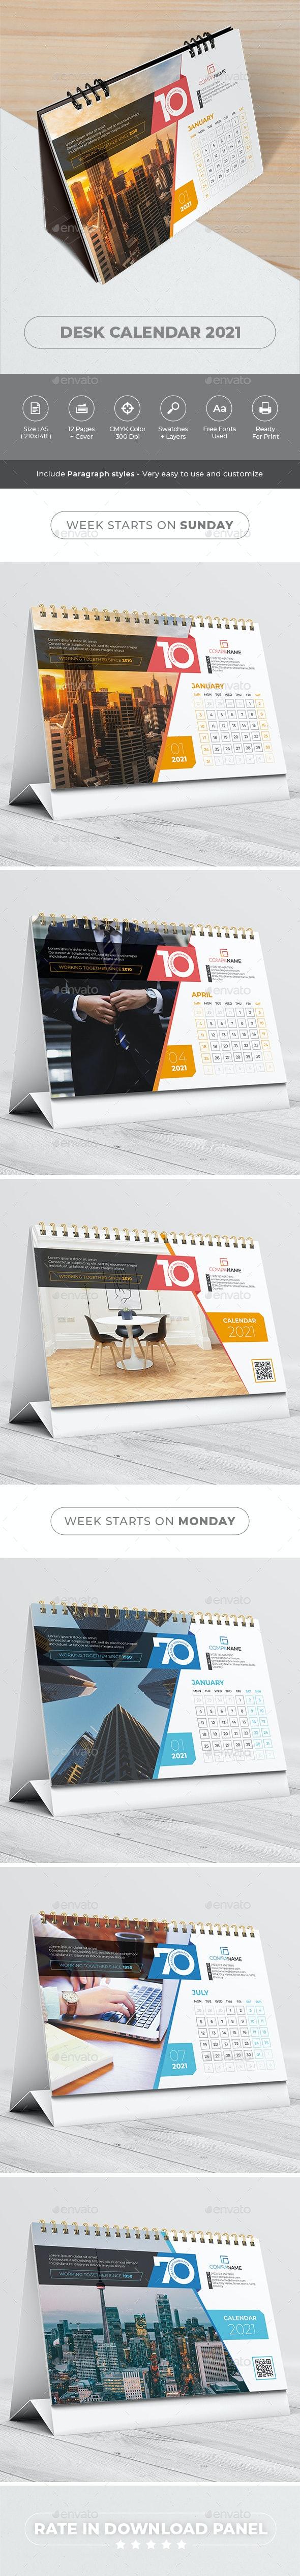 Desk Calendar 2021 - Calendars Stationery